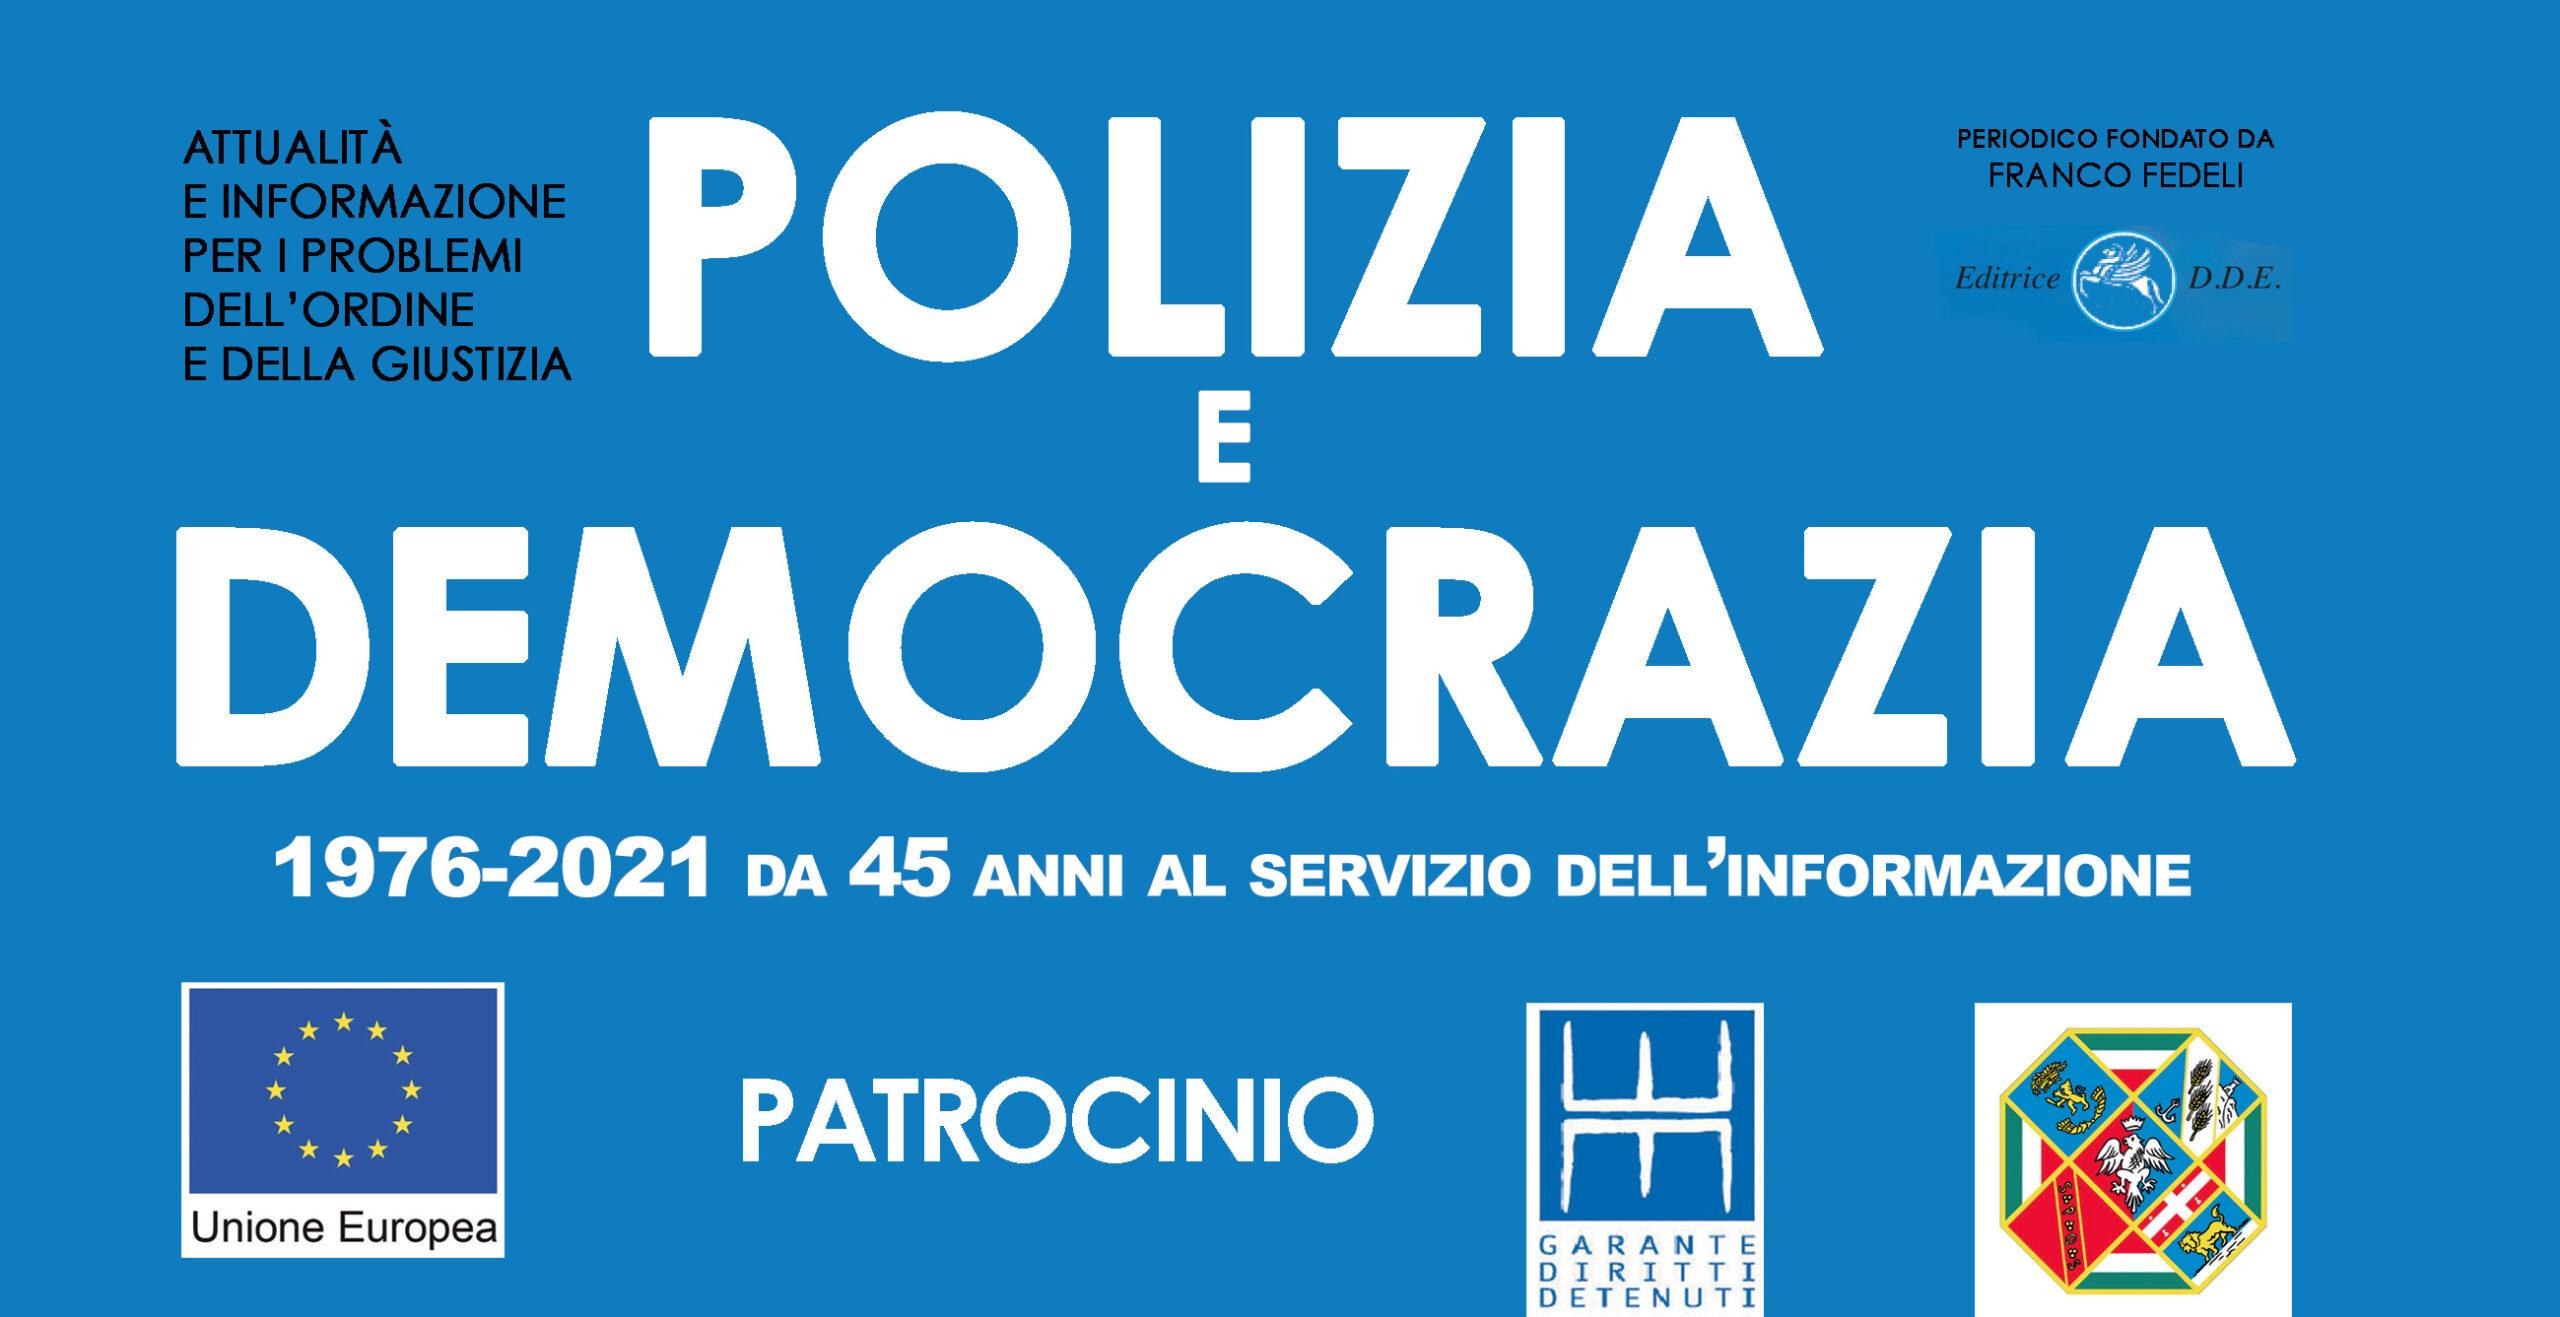 Polizia e Democrazia